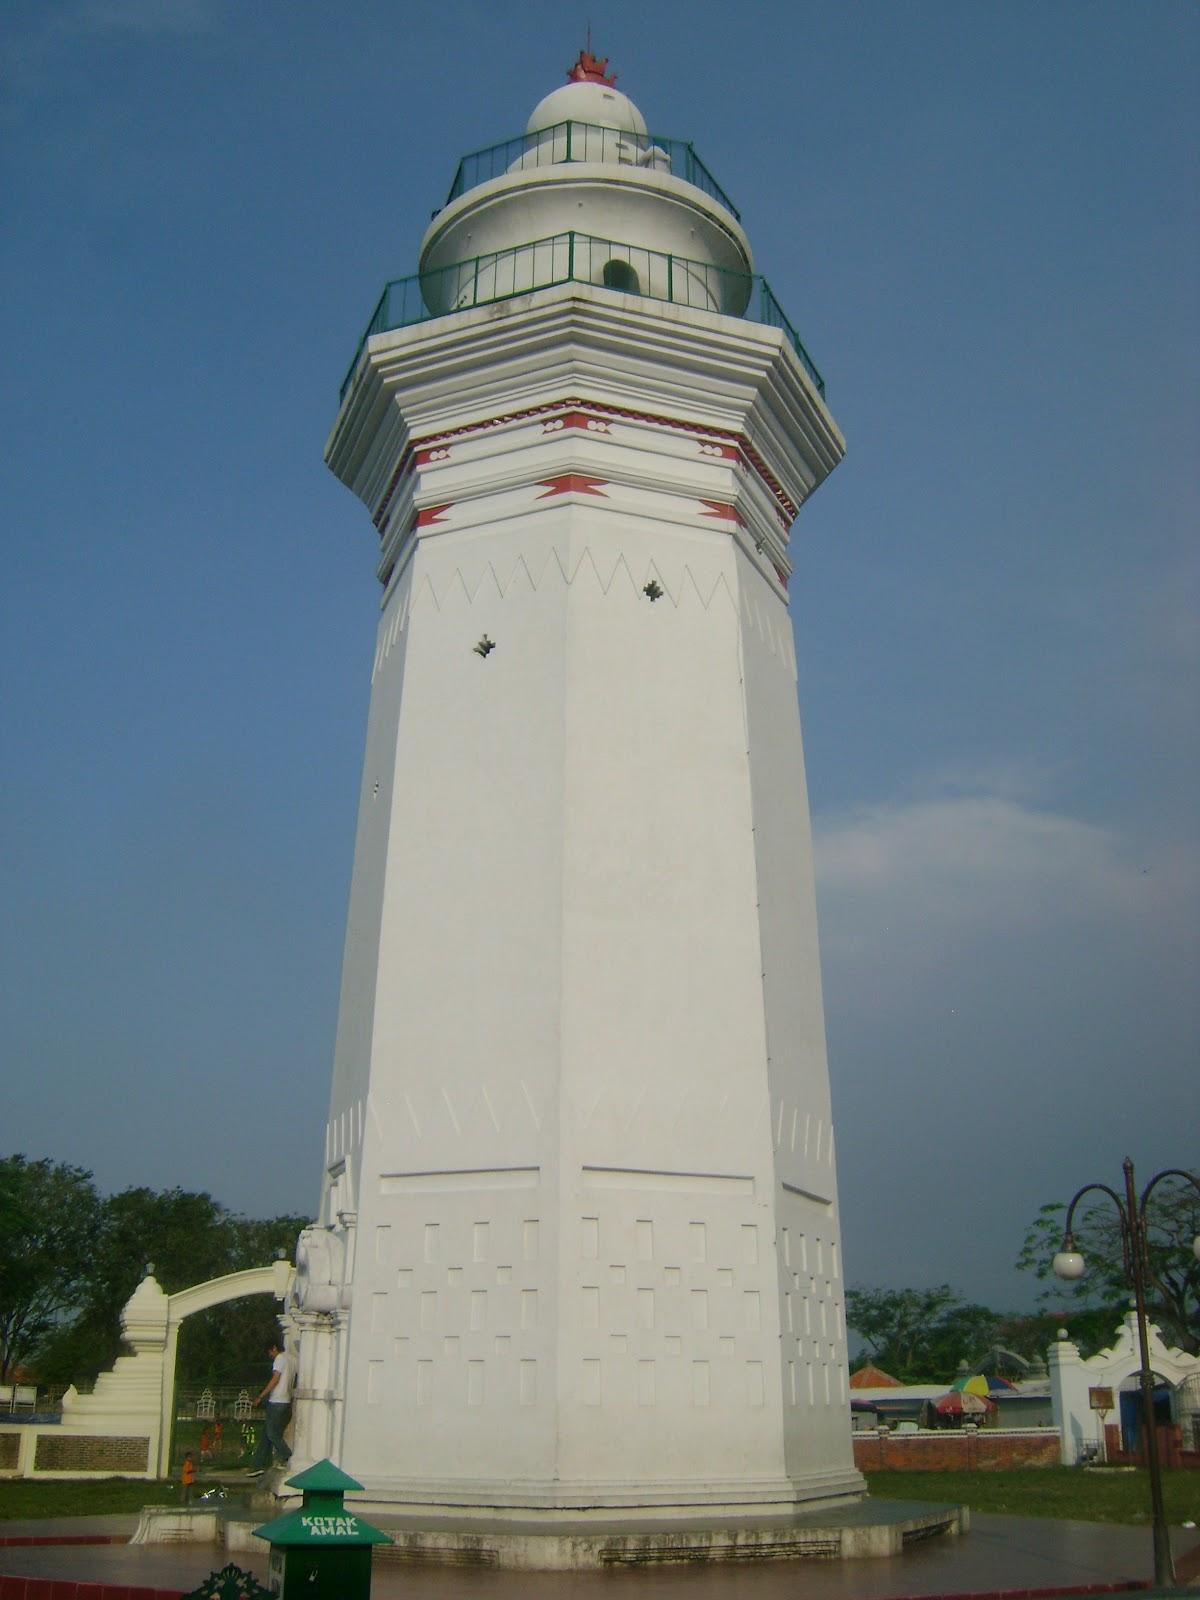 Masjid Agung Banten Kekunaan Depan Terdapat Menara Cukup Tinggi Menurut